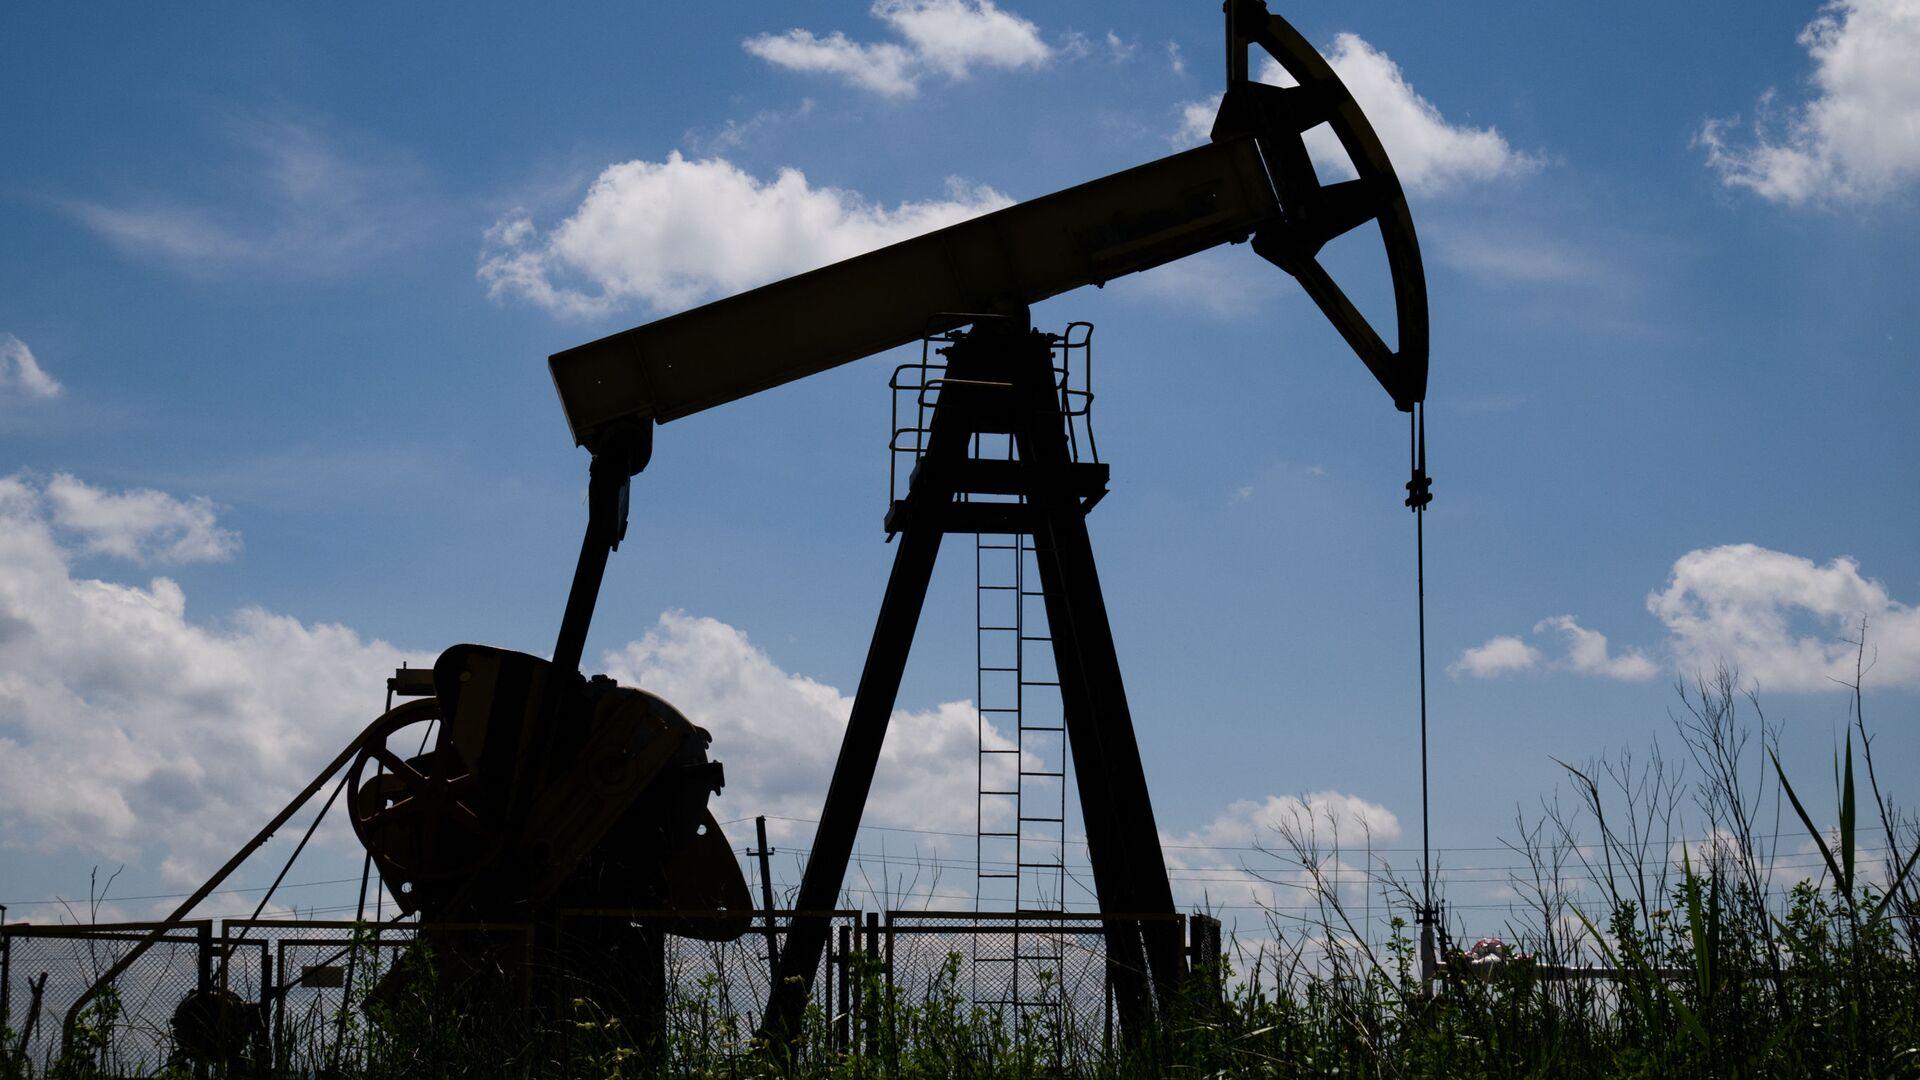 Нефтяной станок-качалка в Северском районе Краснодарского края. - Sputnik Армения, 1920, 28.09.2021